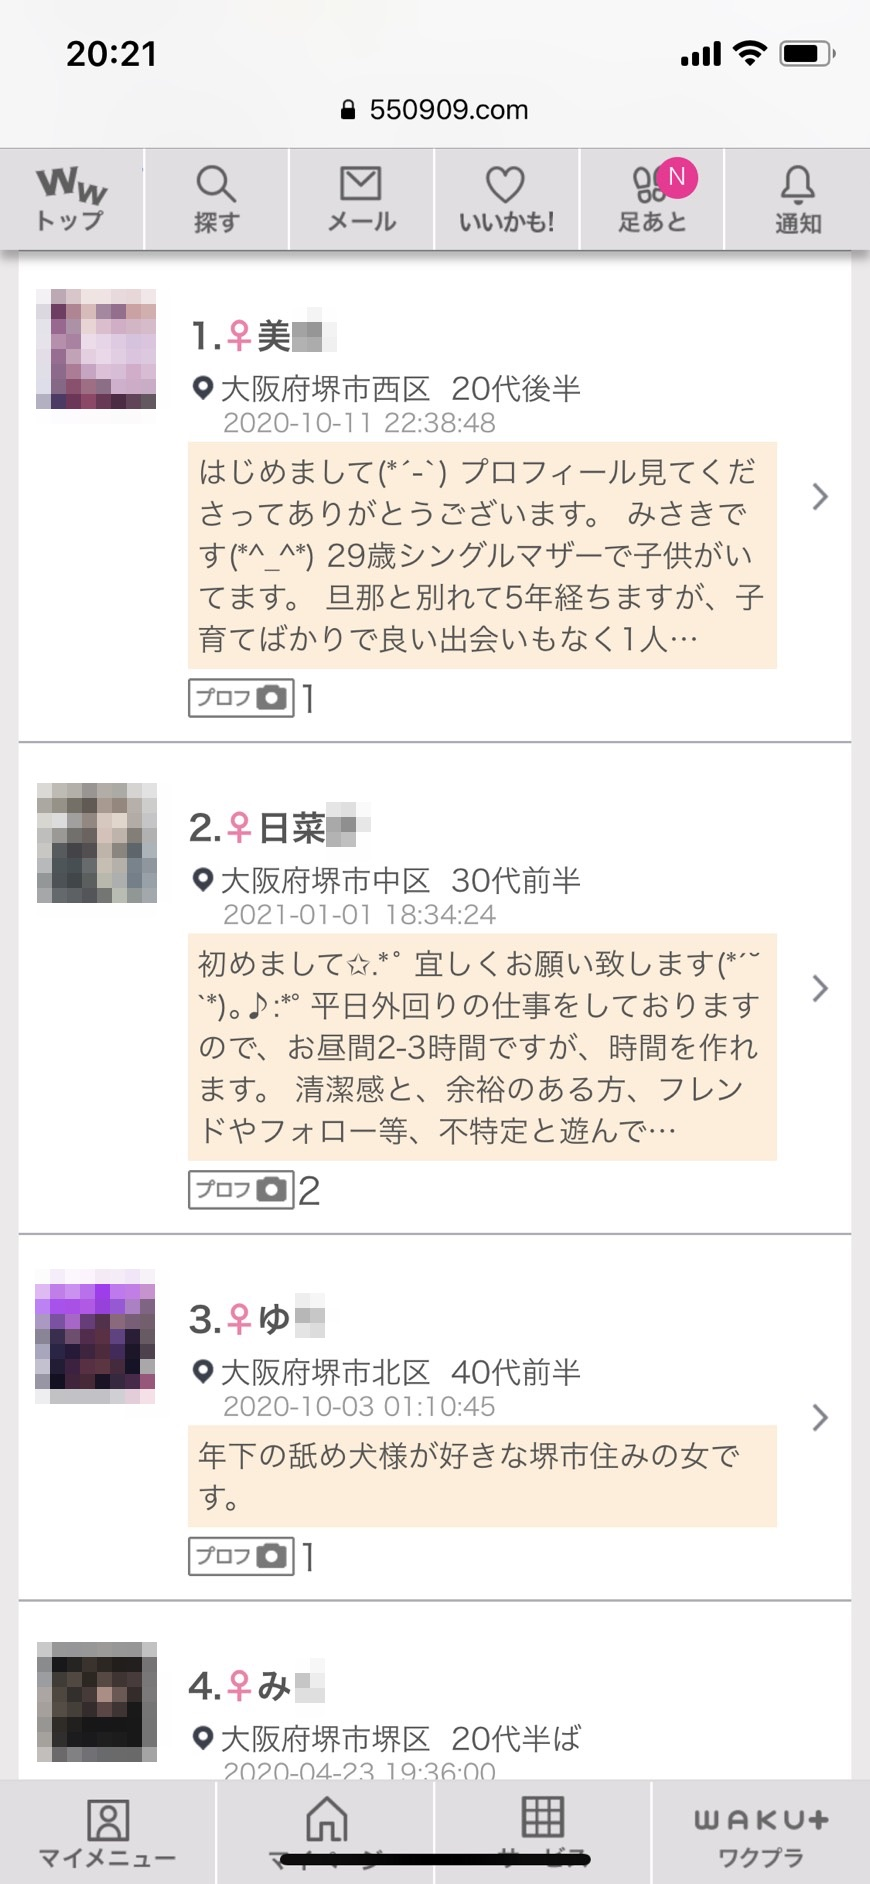 堺・セックス(ワクワクメール)